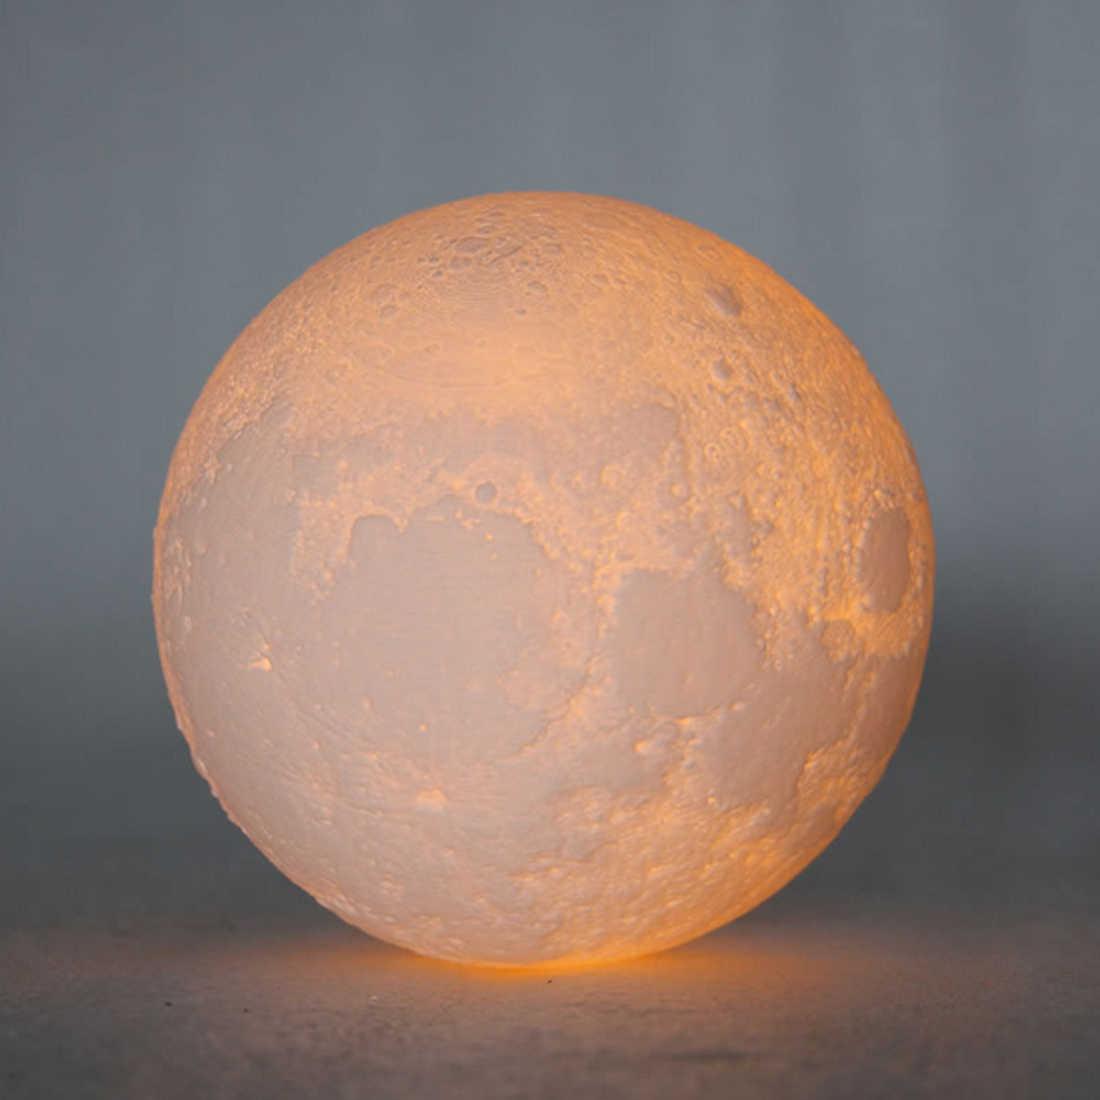 Перезаряжаемая 3D лампа с изображением Луны, 2 цвета, сенсорный выключатель, спальный книжный шкаф, ночник, домашний декор, креативный подарок 8 см-20 см